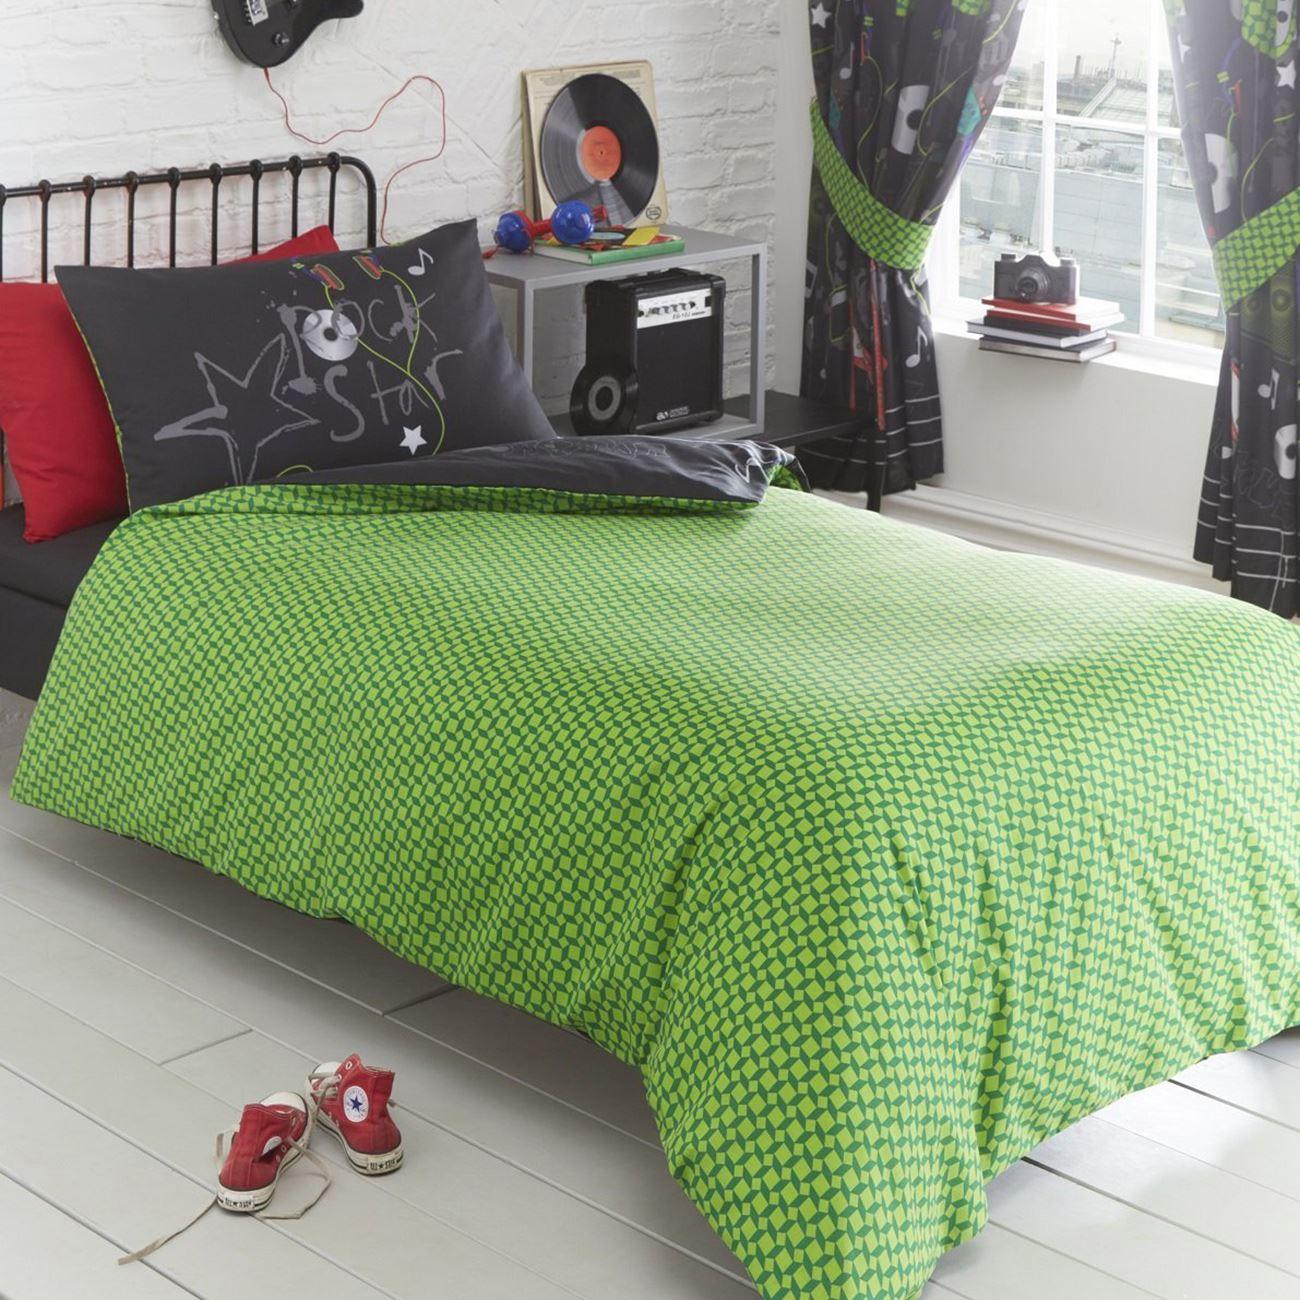 Indexbild 104 - Teenager Bettwäsche Sets - Einzel / Doppelbett Bettwäsche Jungen Musik Graffiti